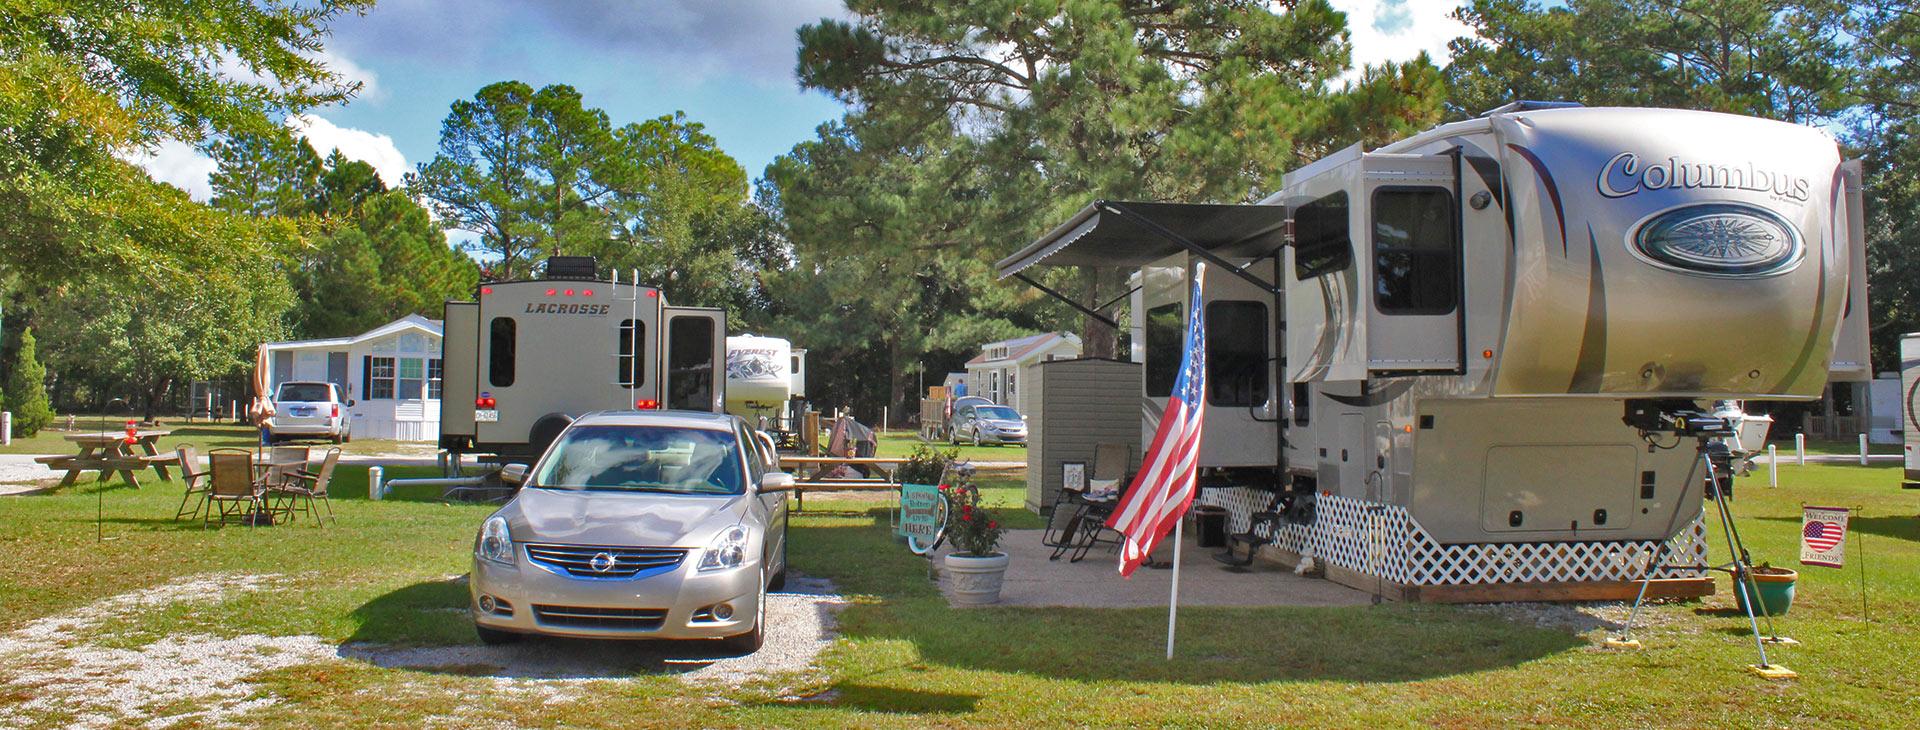 Water S Edge Rv Park North Carolina Camping